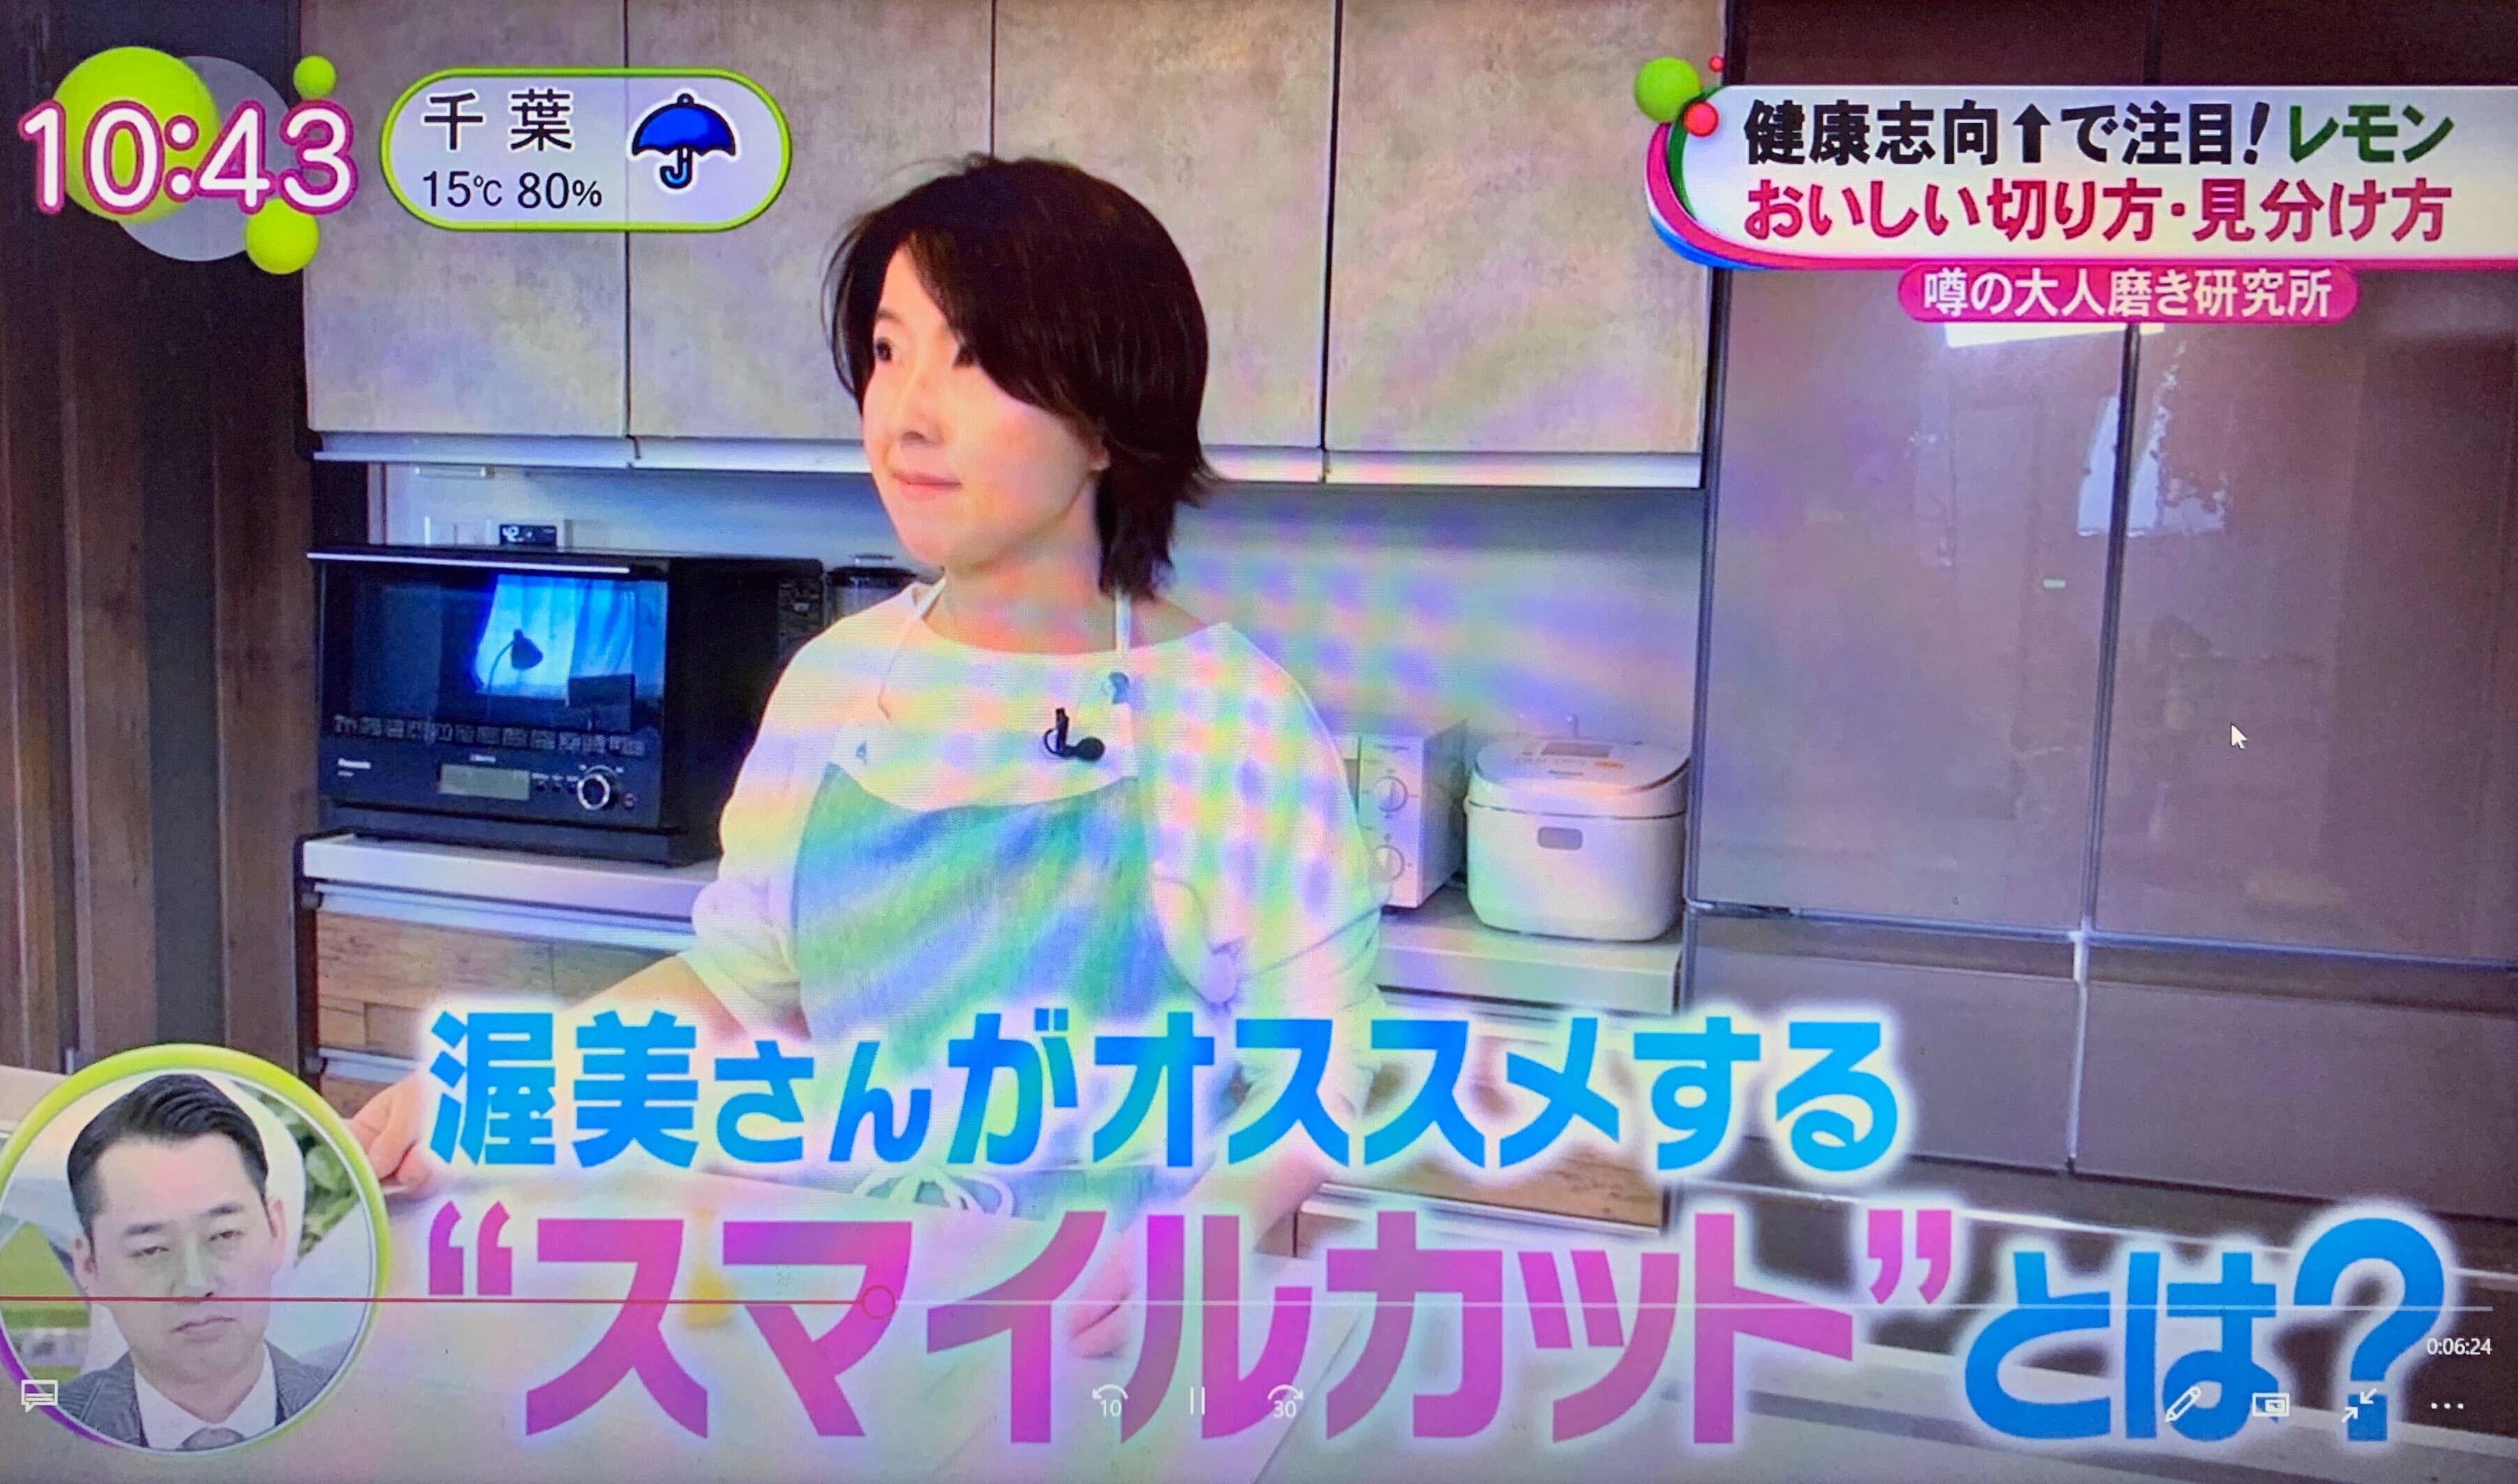 【テレビ出演】フジテレビ「ノンストップ」;在宅中上手に楽しく活用するレモン